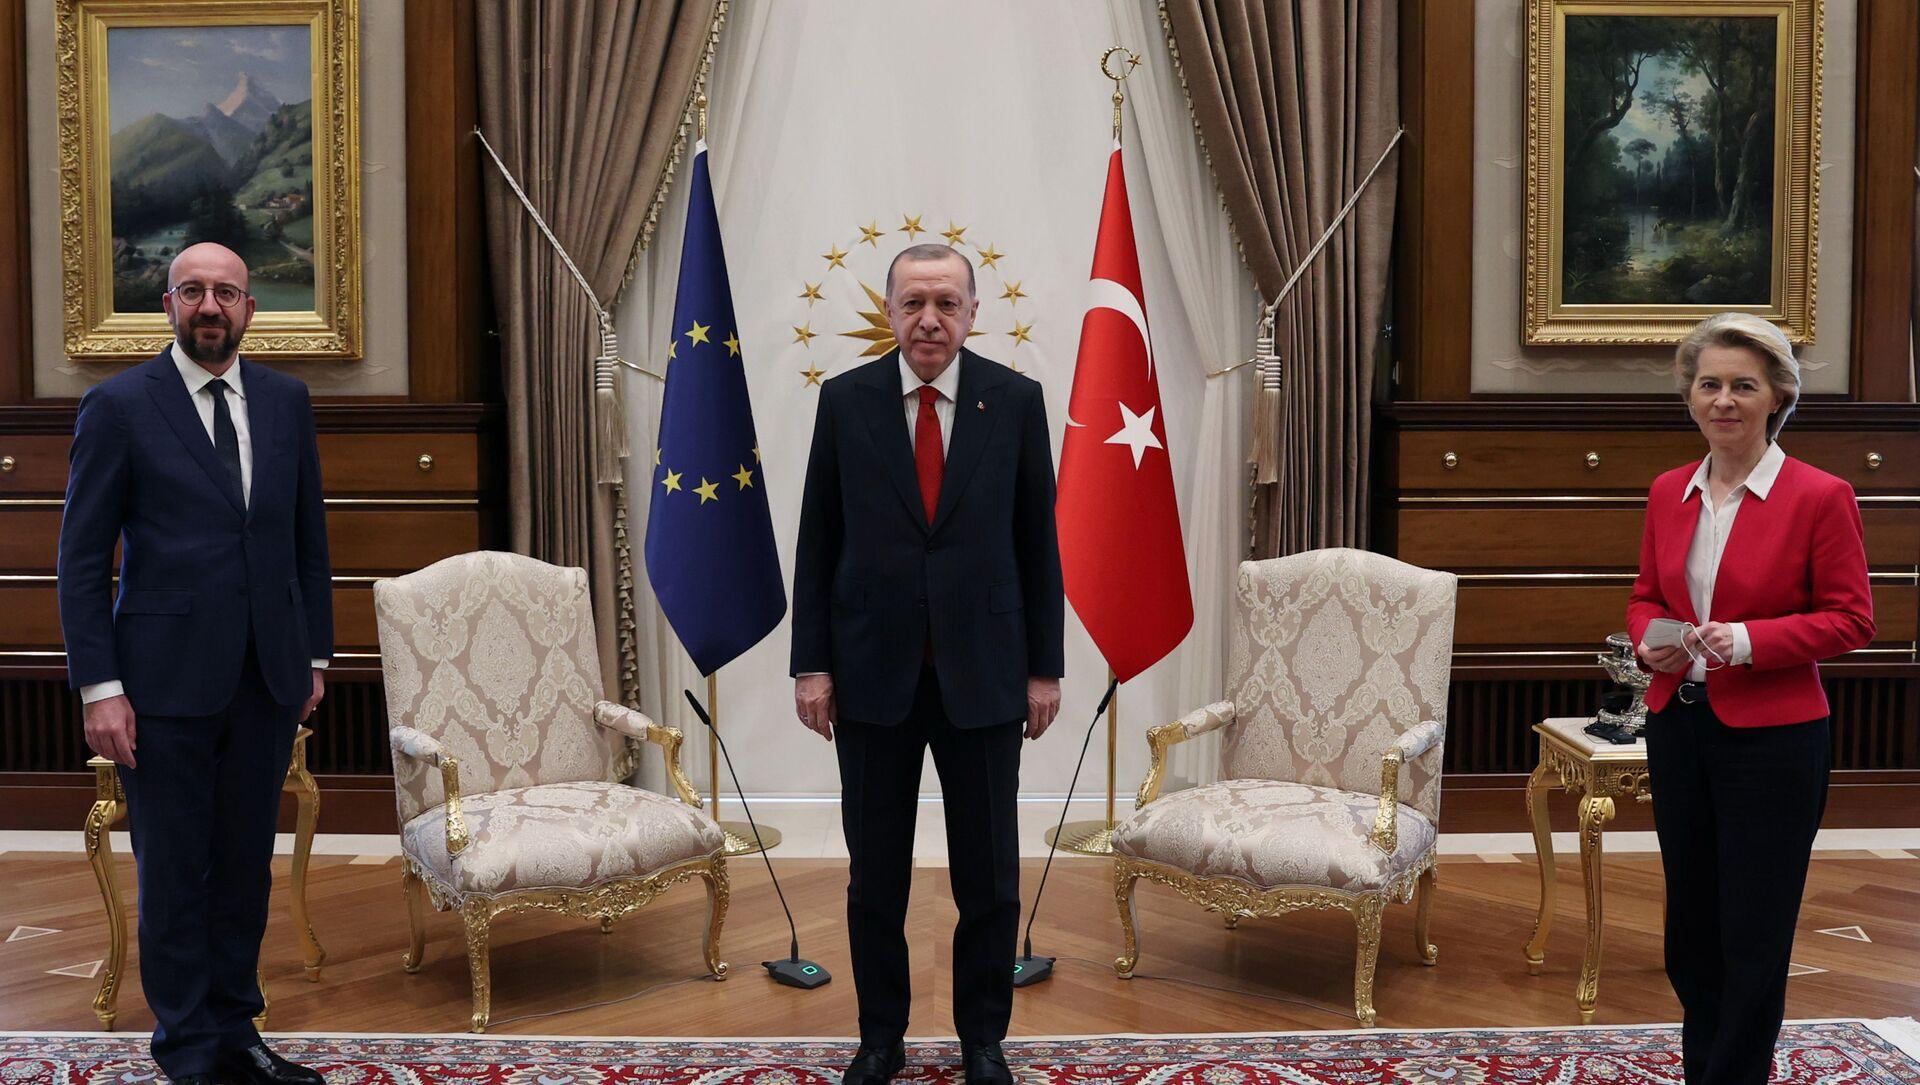 Встреча в Анкаре президента Турции Эрдогана, председателя ЕС Мишеля и главы ЕК фон дер Ляйен - Sputnik Беларусь, 1920, 08.04.2021